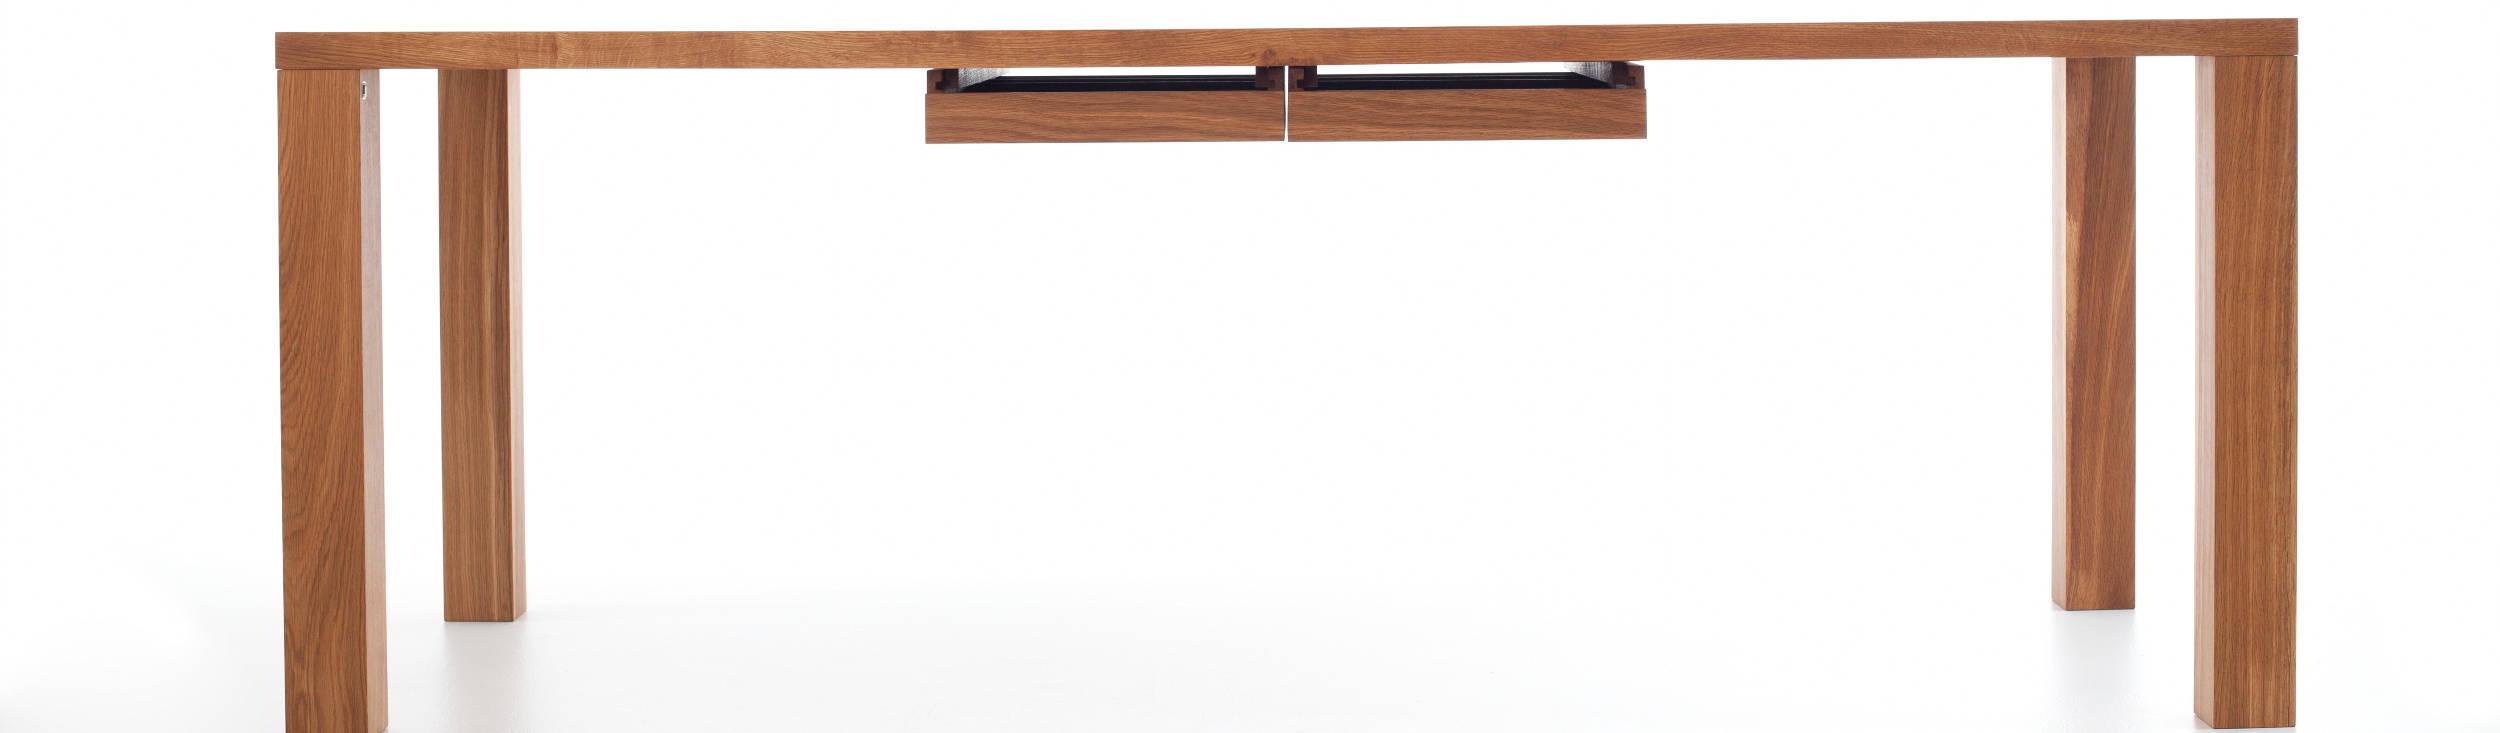 ambion – Manufaktur für Einzelmöbel